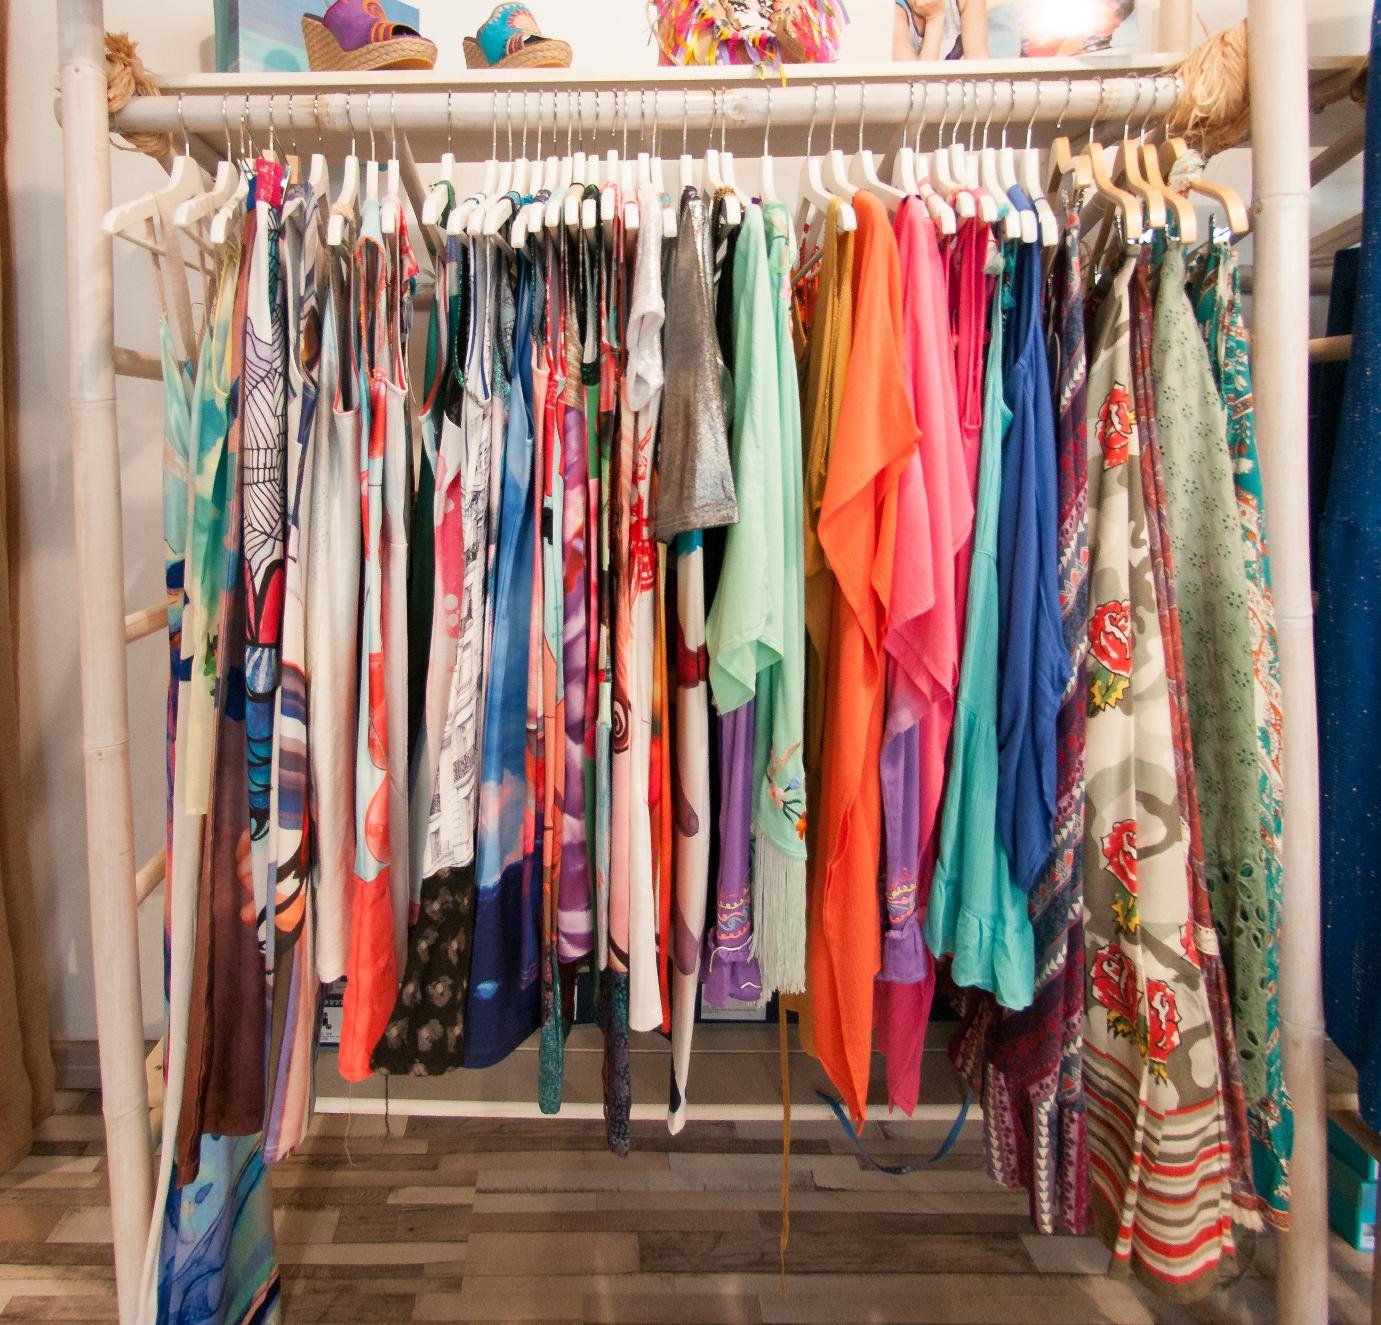 3c3166dc58cb Tienda ropa mujer las Chafiras - EL MEDANO